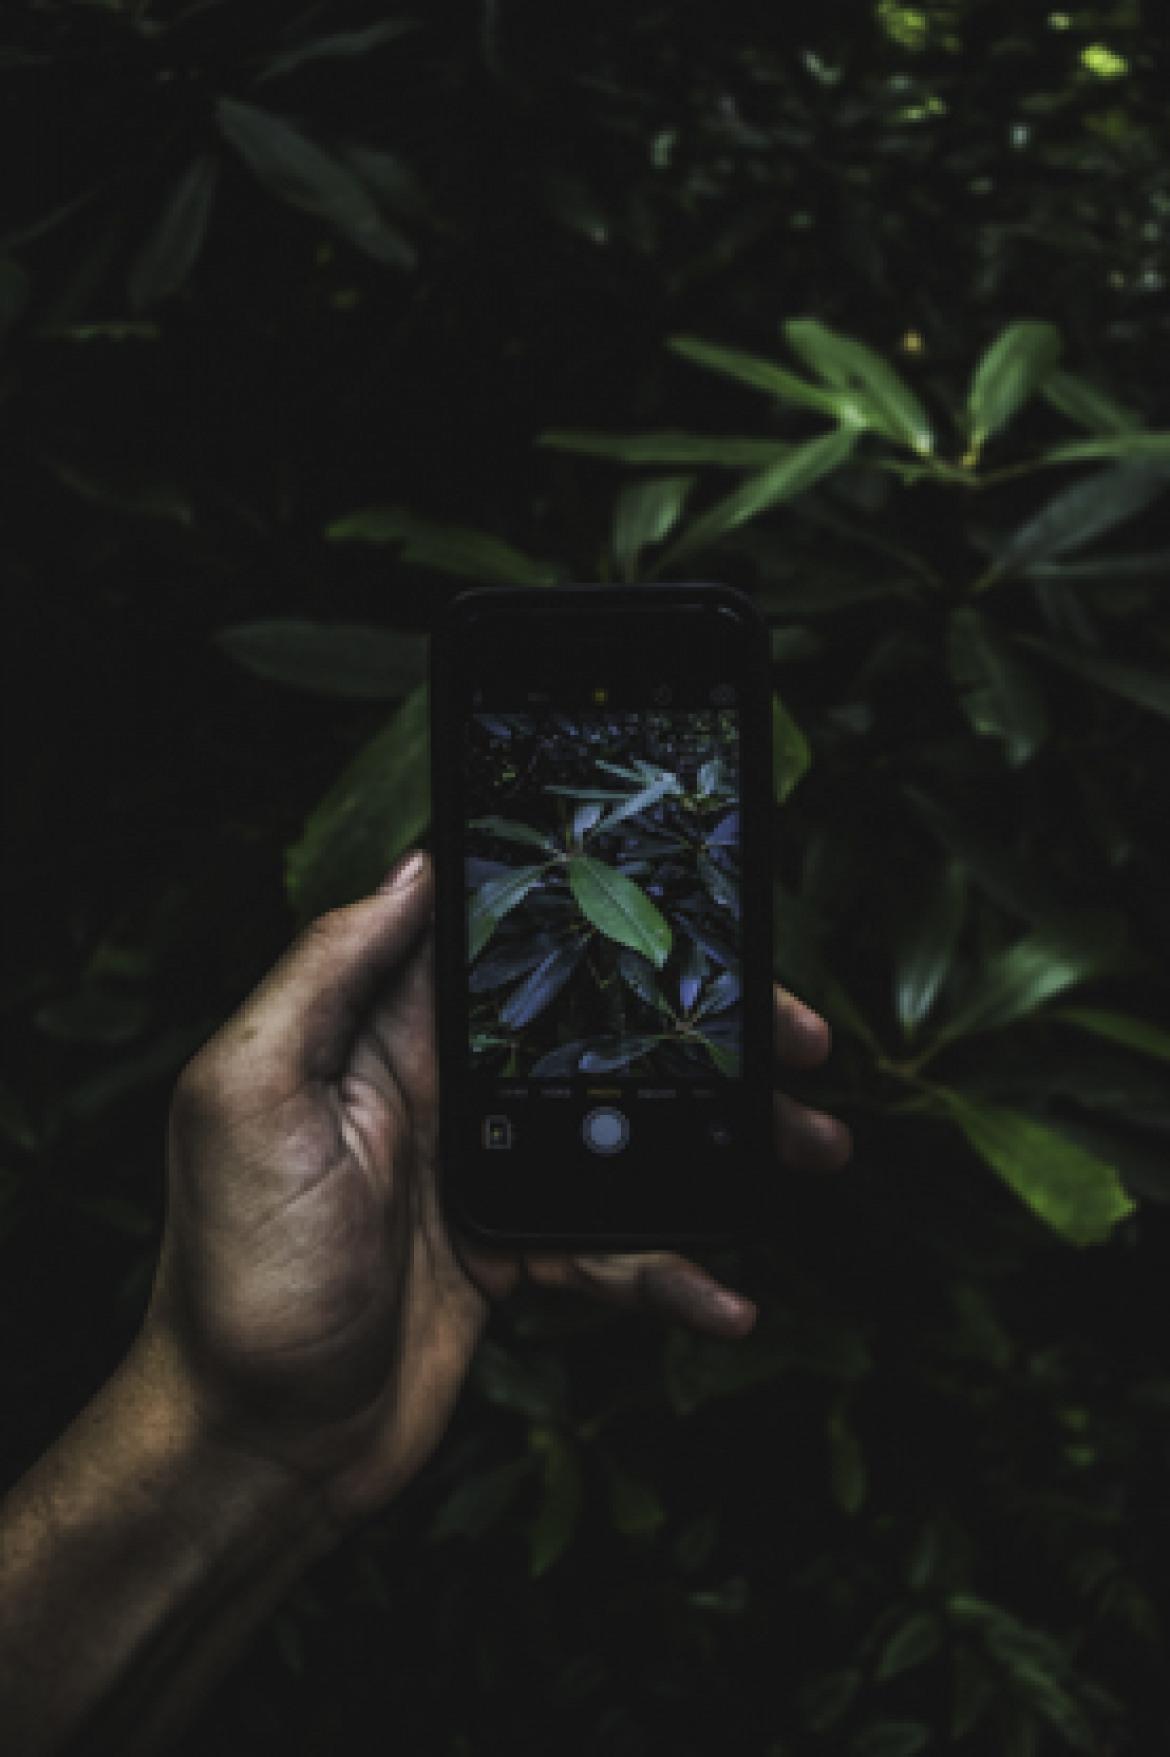 camera phone jungle